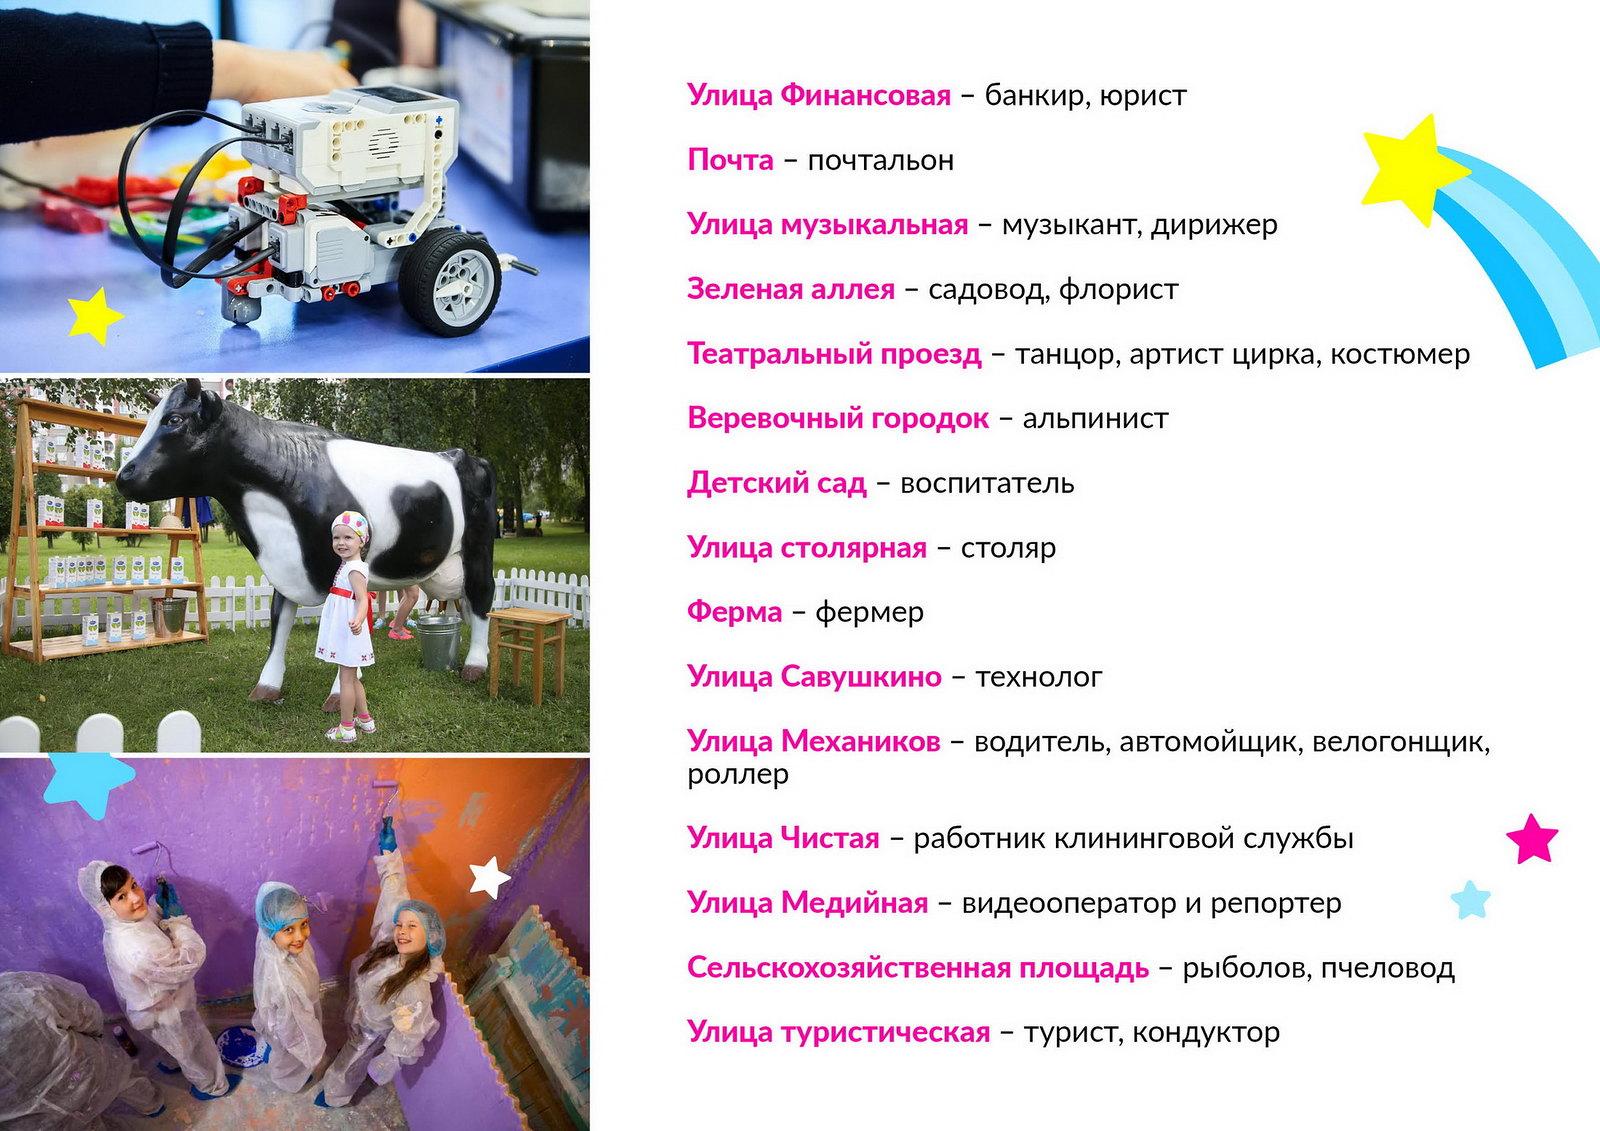 Единорог_ Все профессии 1(1)